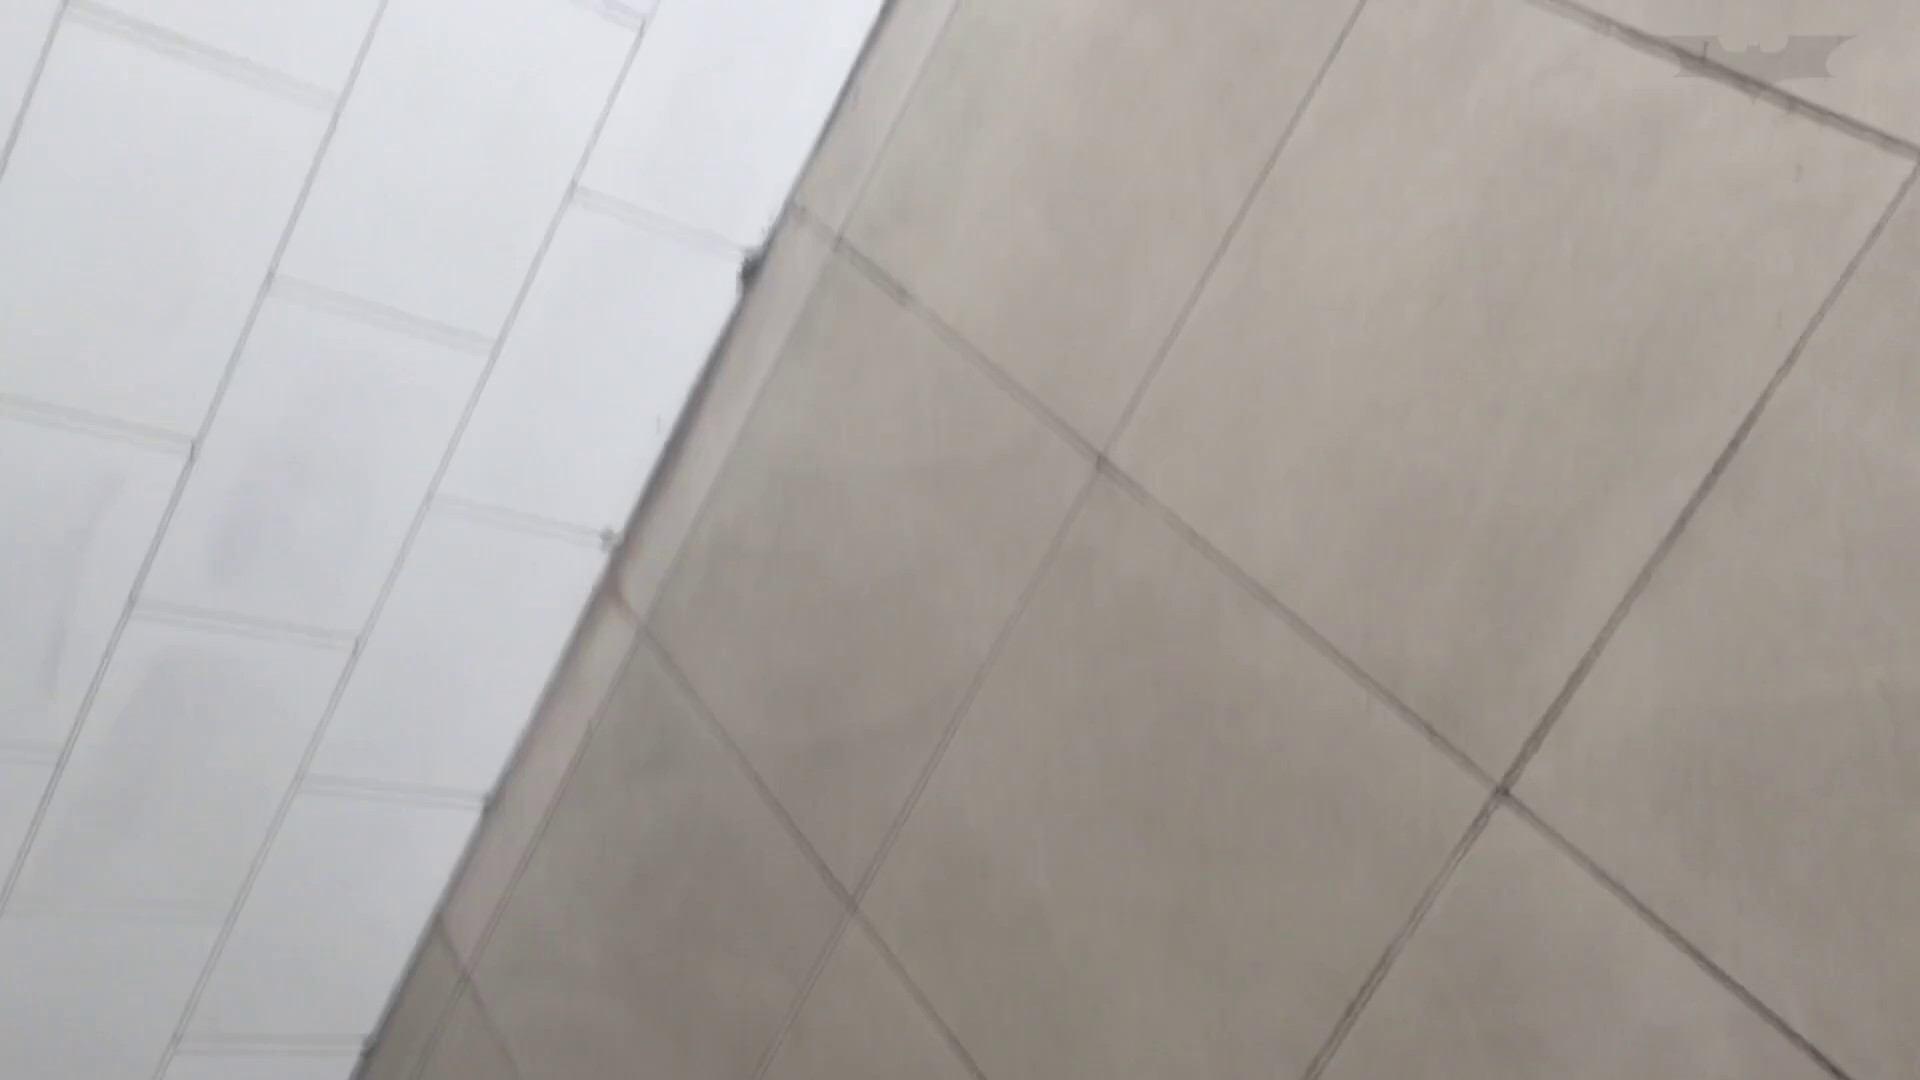 芸術大学ガチ潜入盗撮 JD盗撮 美女の洗面所の秘密 Vol.91 盗撮映像大放出 AV無料 60連発 45